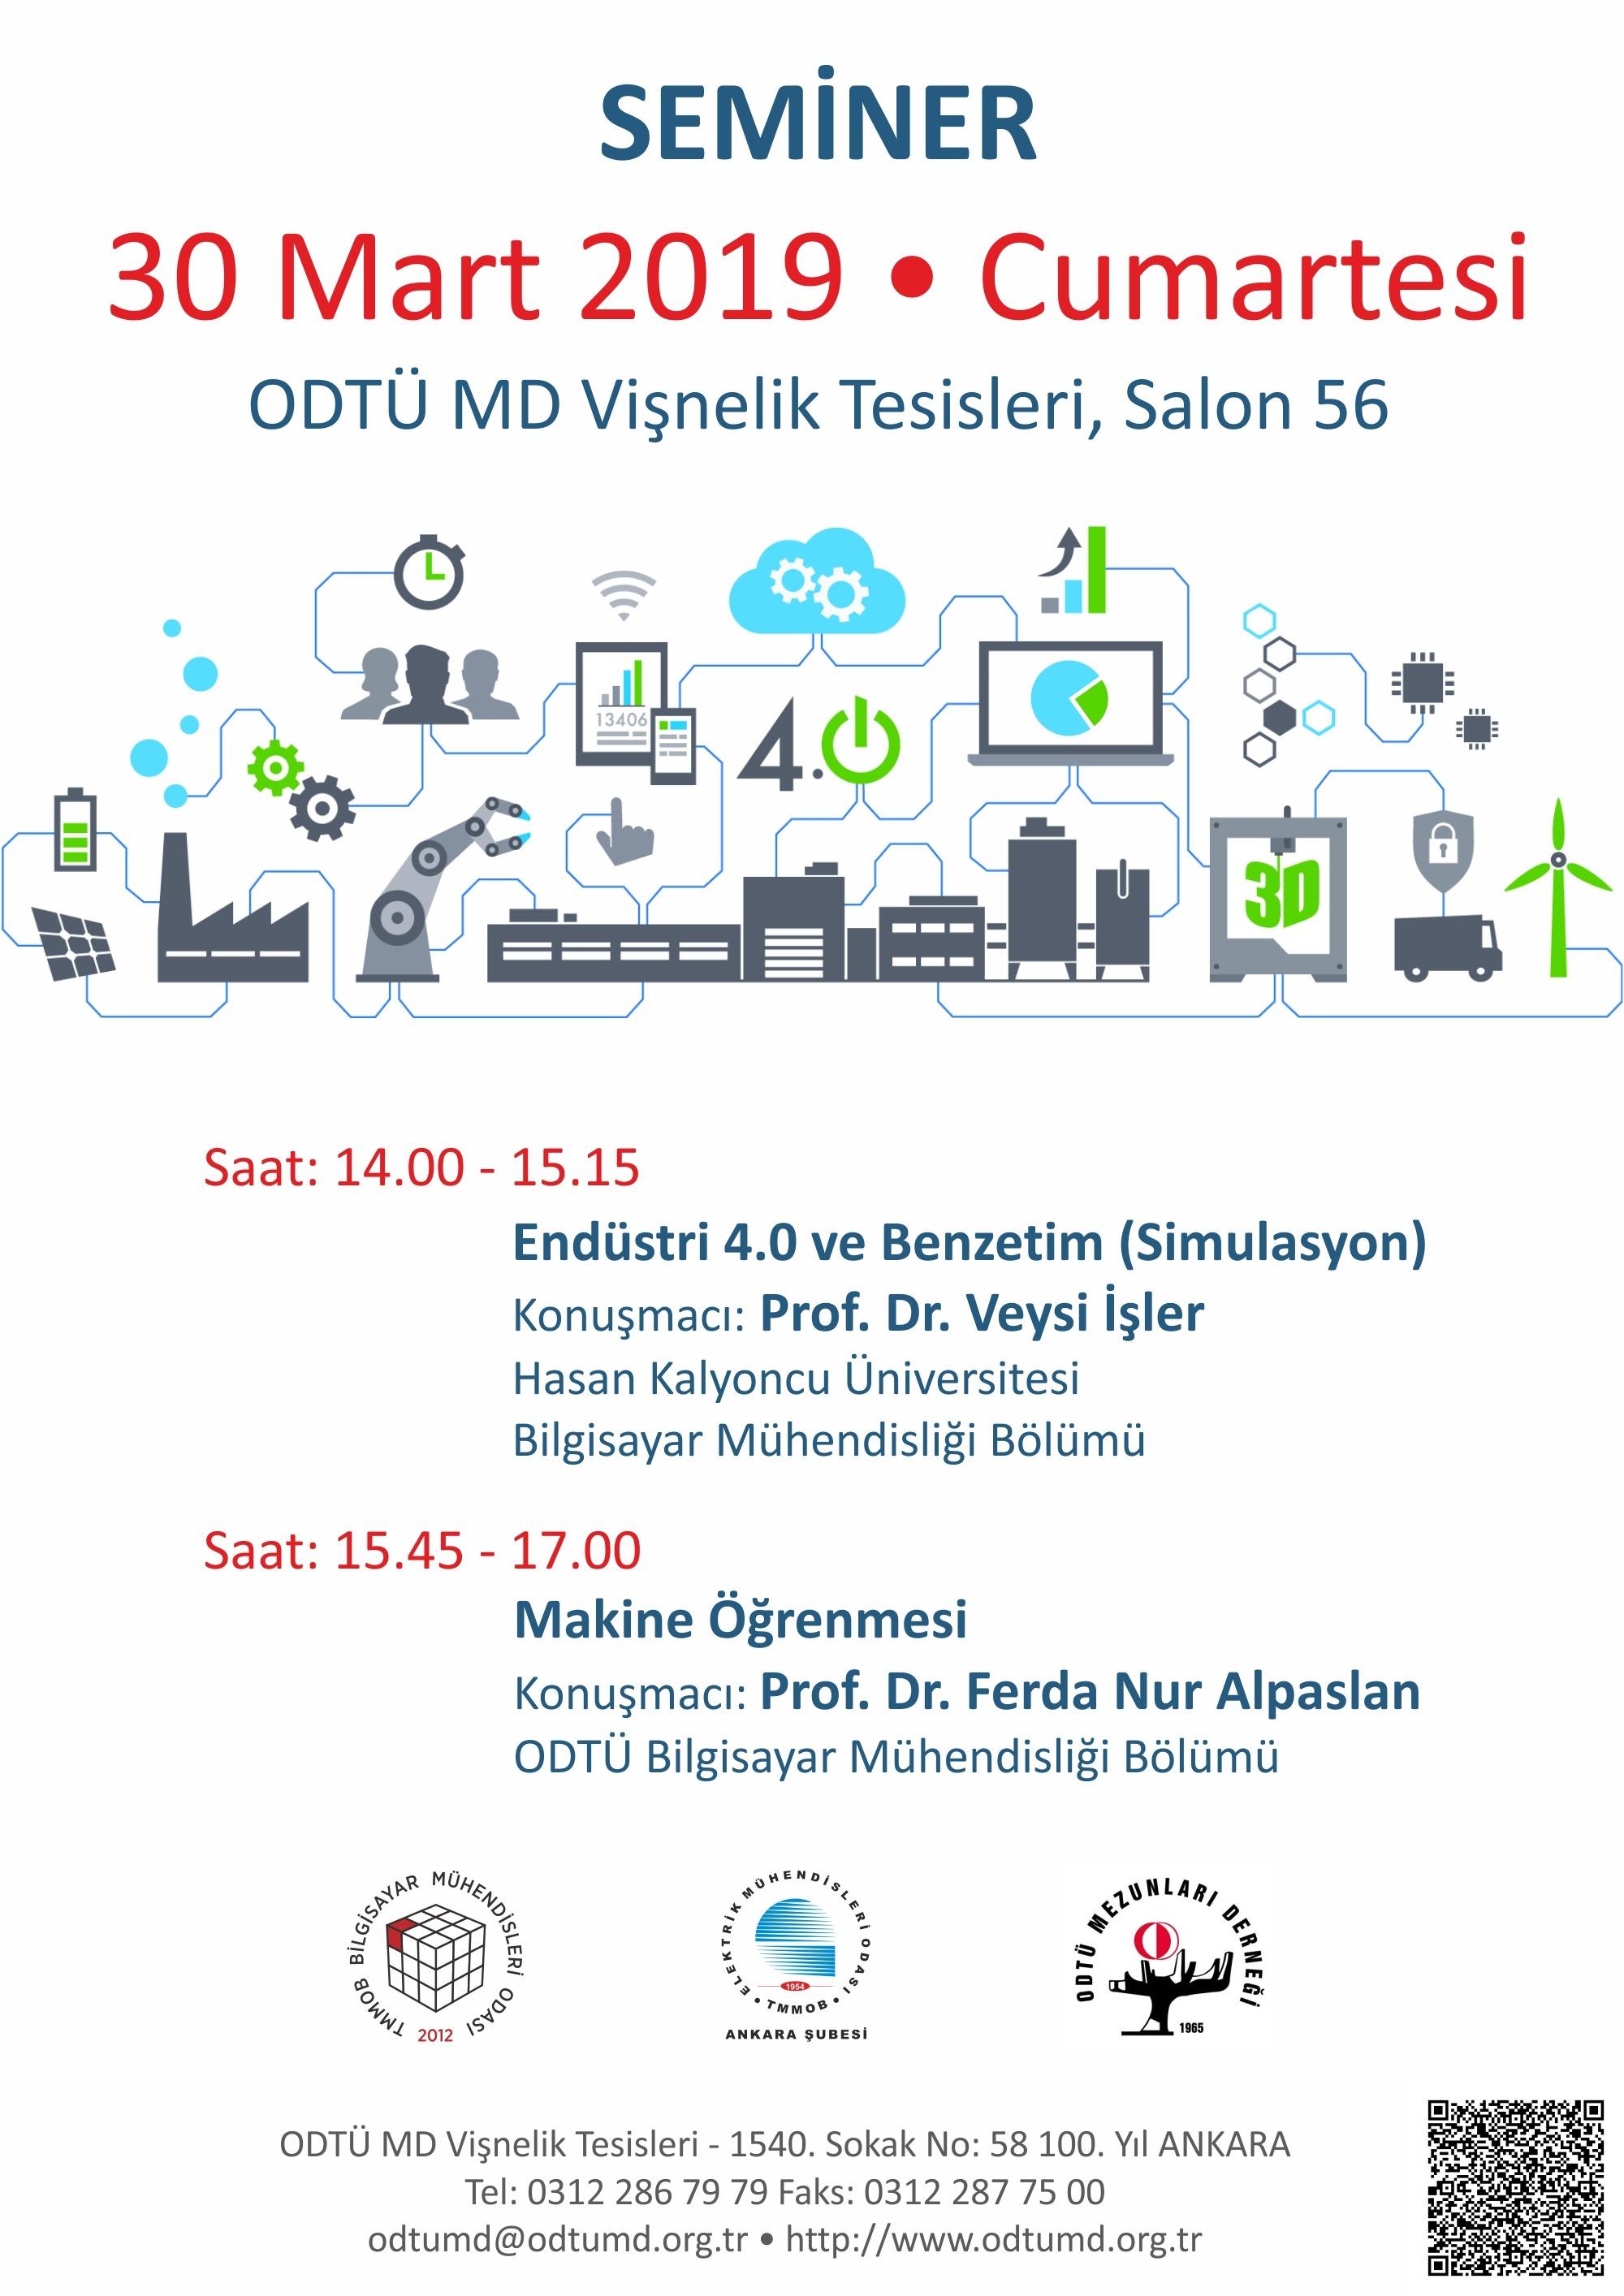 Endüstri-4-Makina-Öğrenmesi-Semineri-Afiş-2019_mart